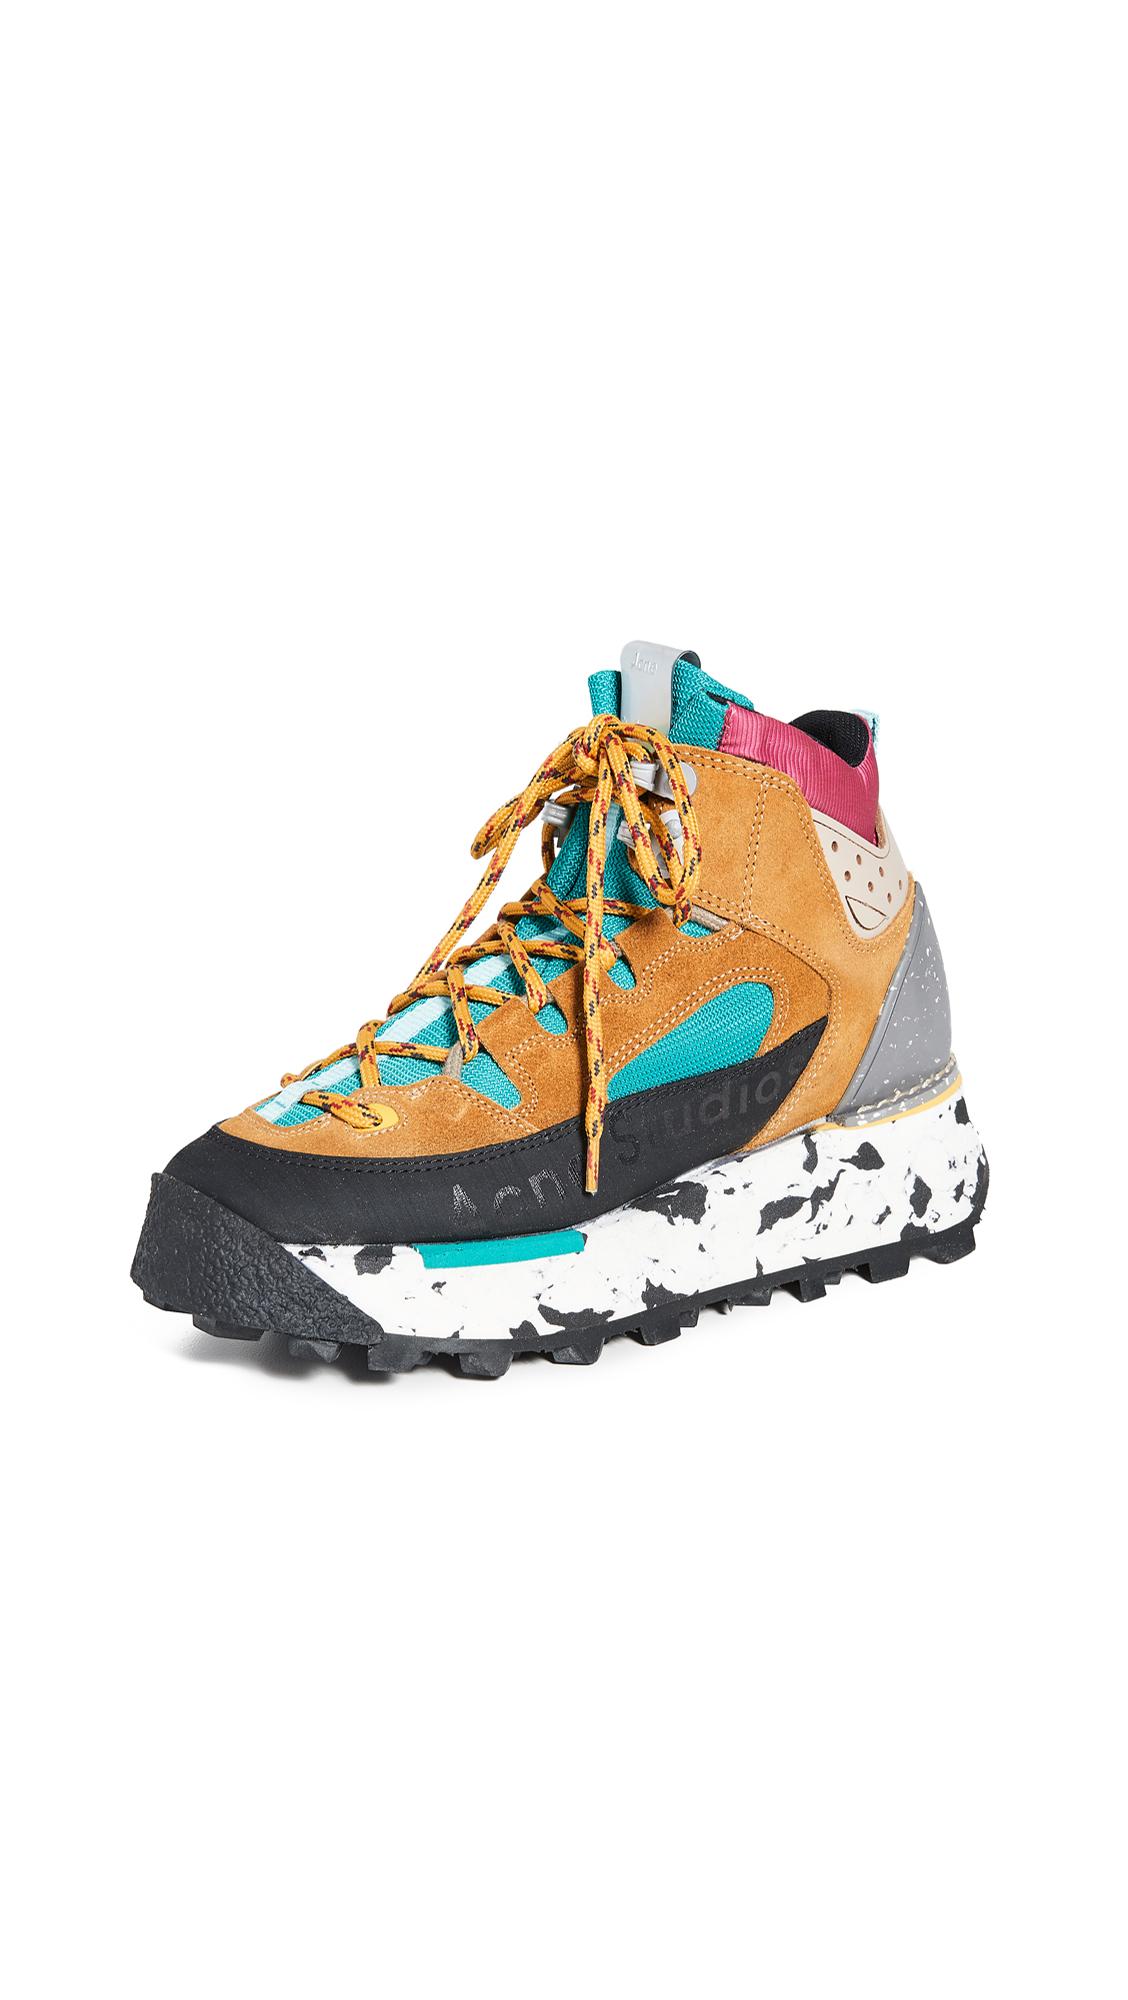 Acne Studios Bertrand W Hiking Sneakers - Multi Brown